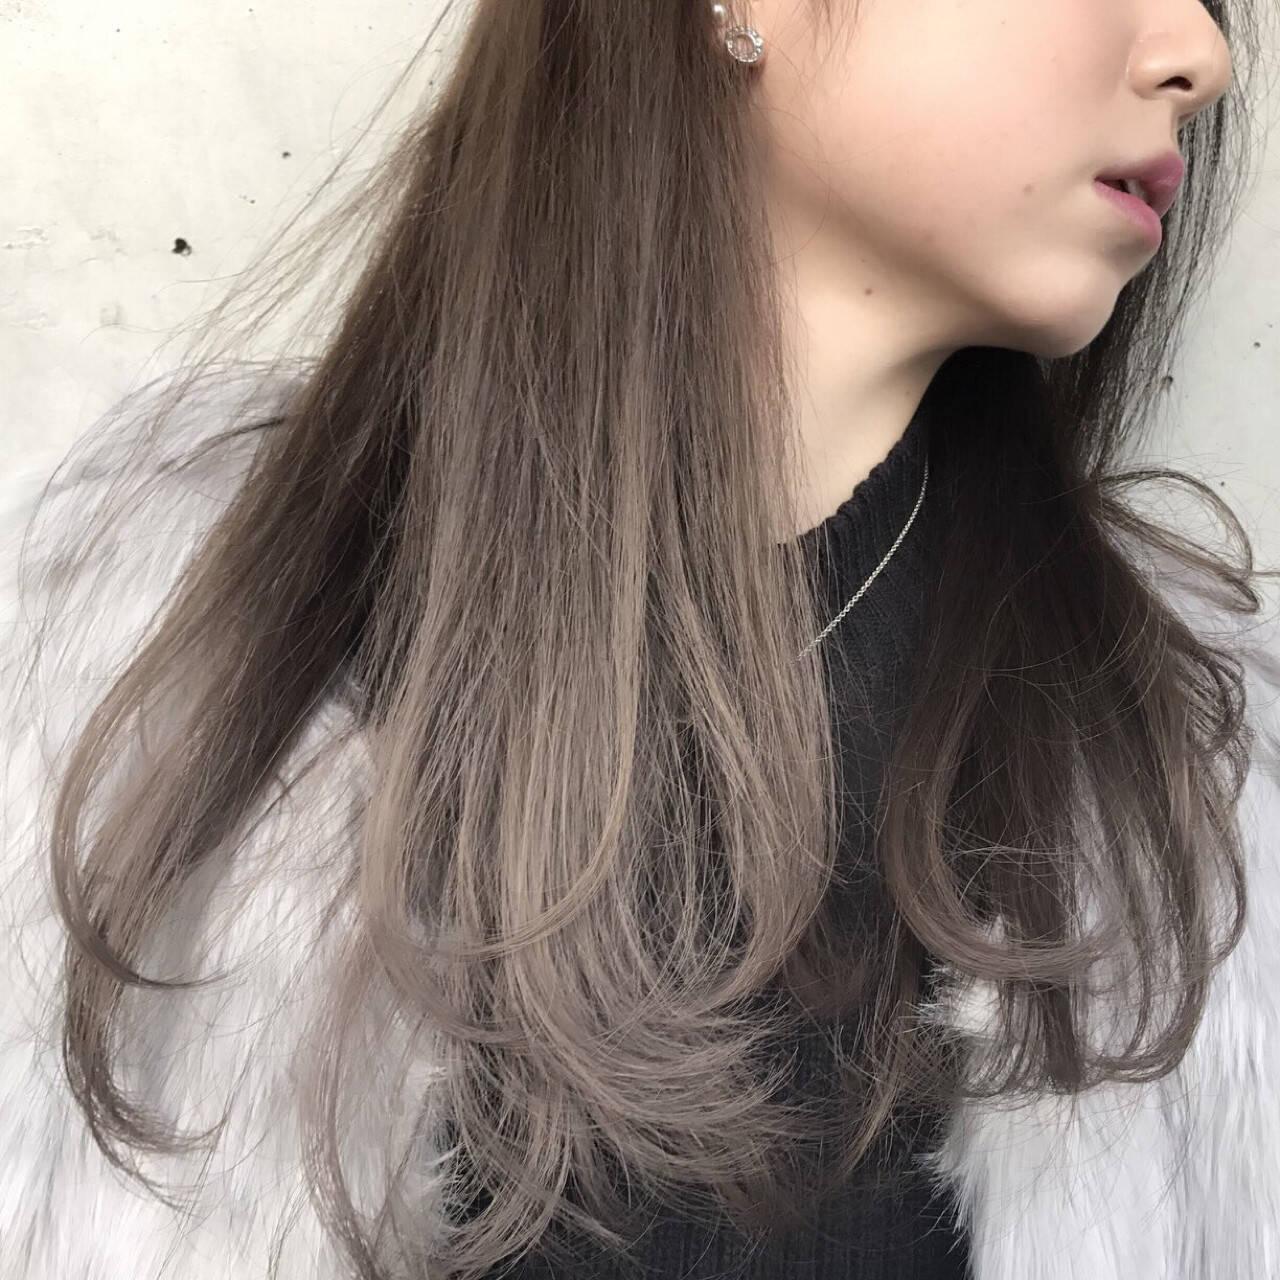 ハイライト グラデーションカラー ロング アッシュヘアスタイルや髪型の写真・画像